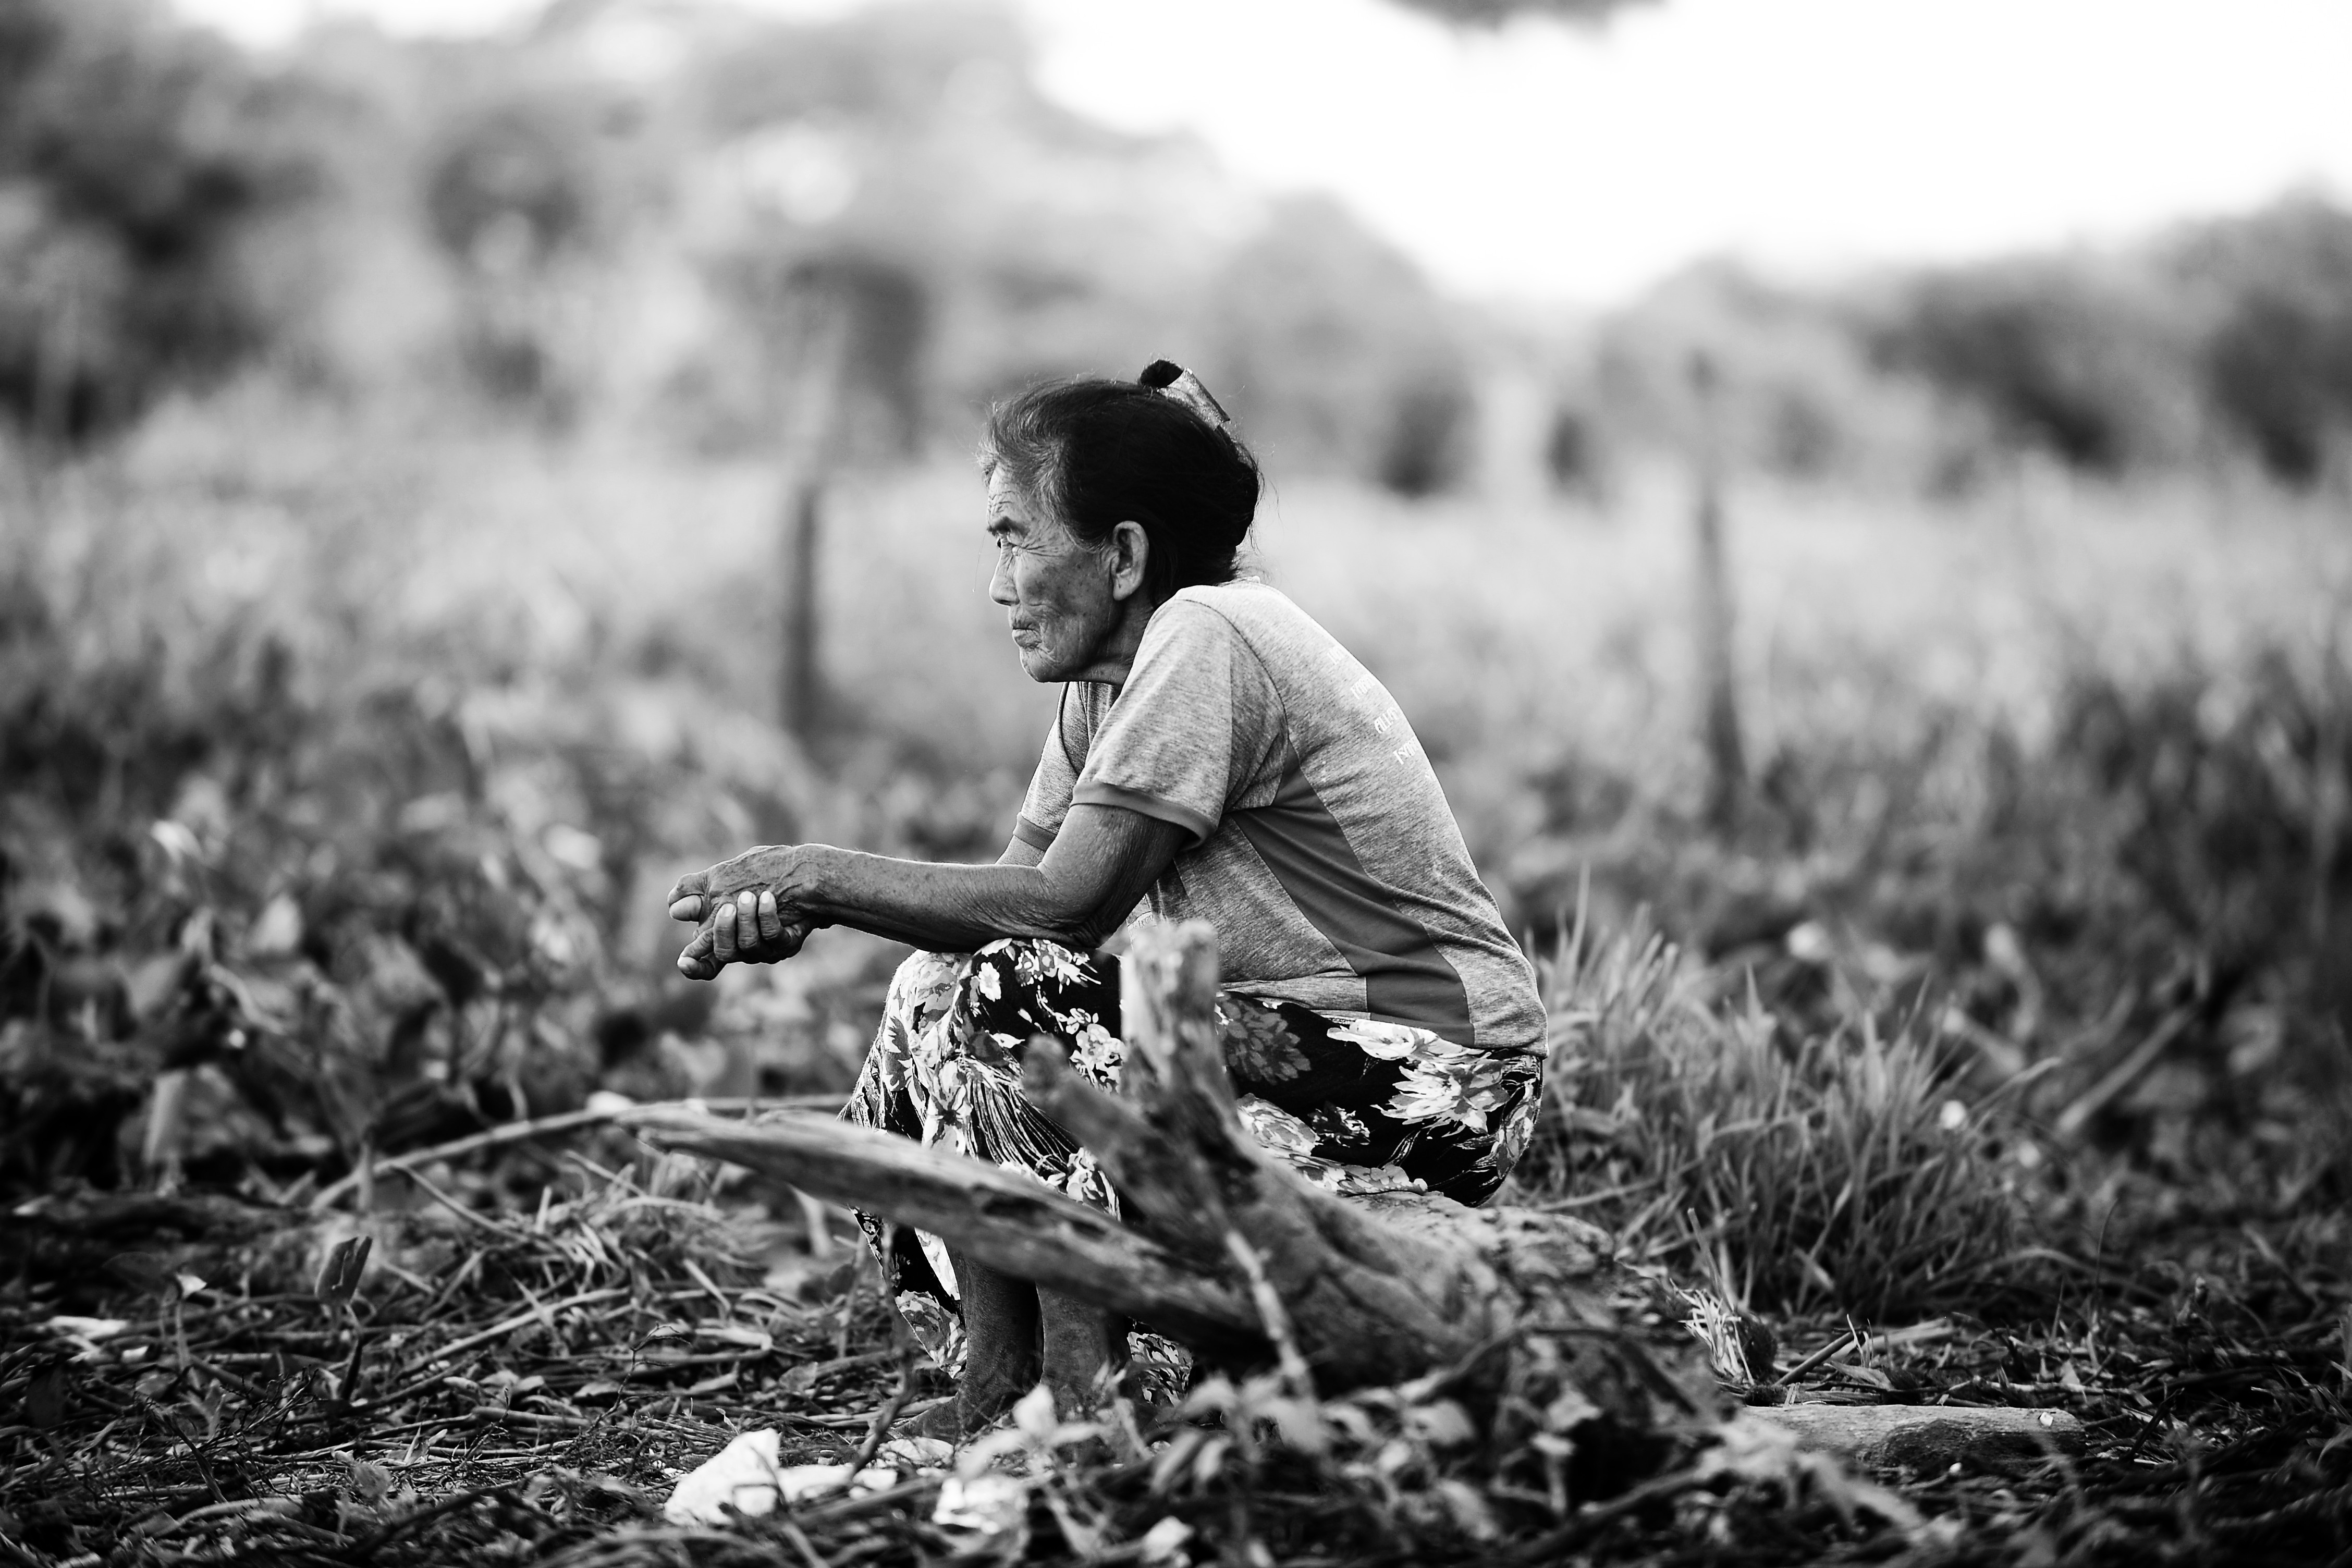 No Dia do Pantanal,  WWF divulga 15 fotos sobre o bioma que são finalistas em concurso - Notícias - Plantão Diário